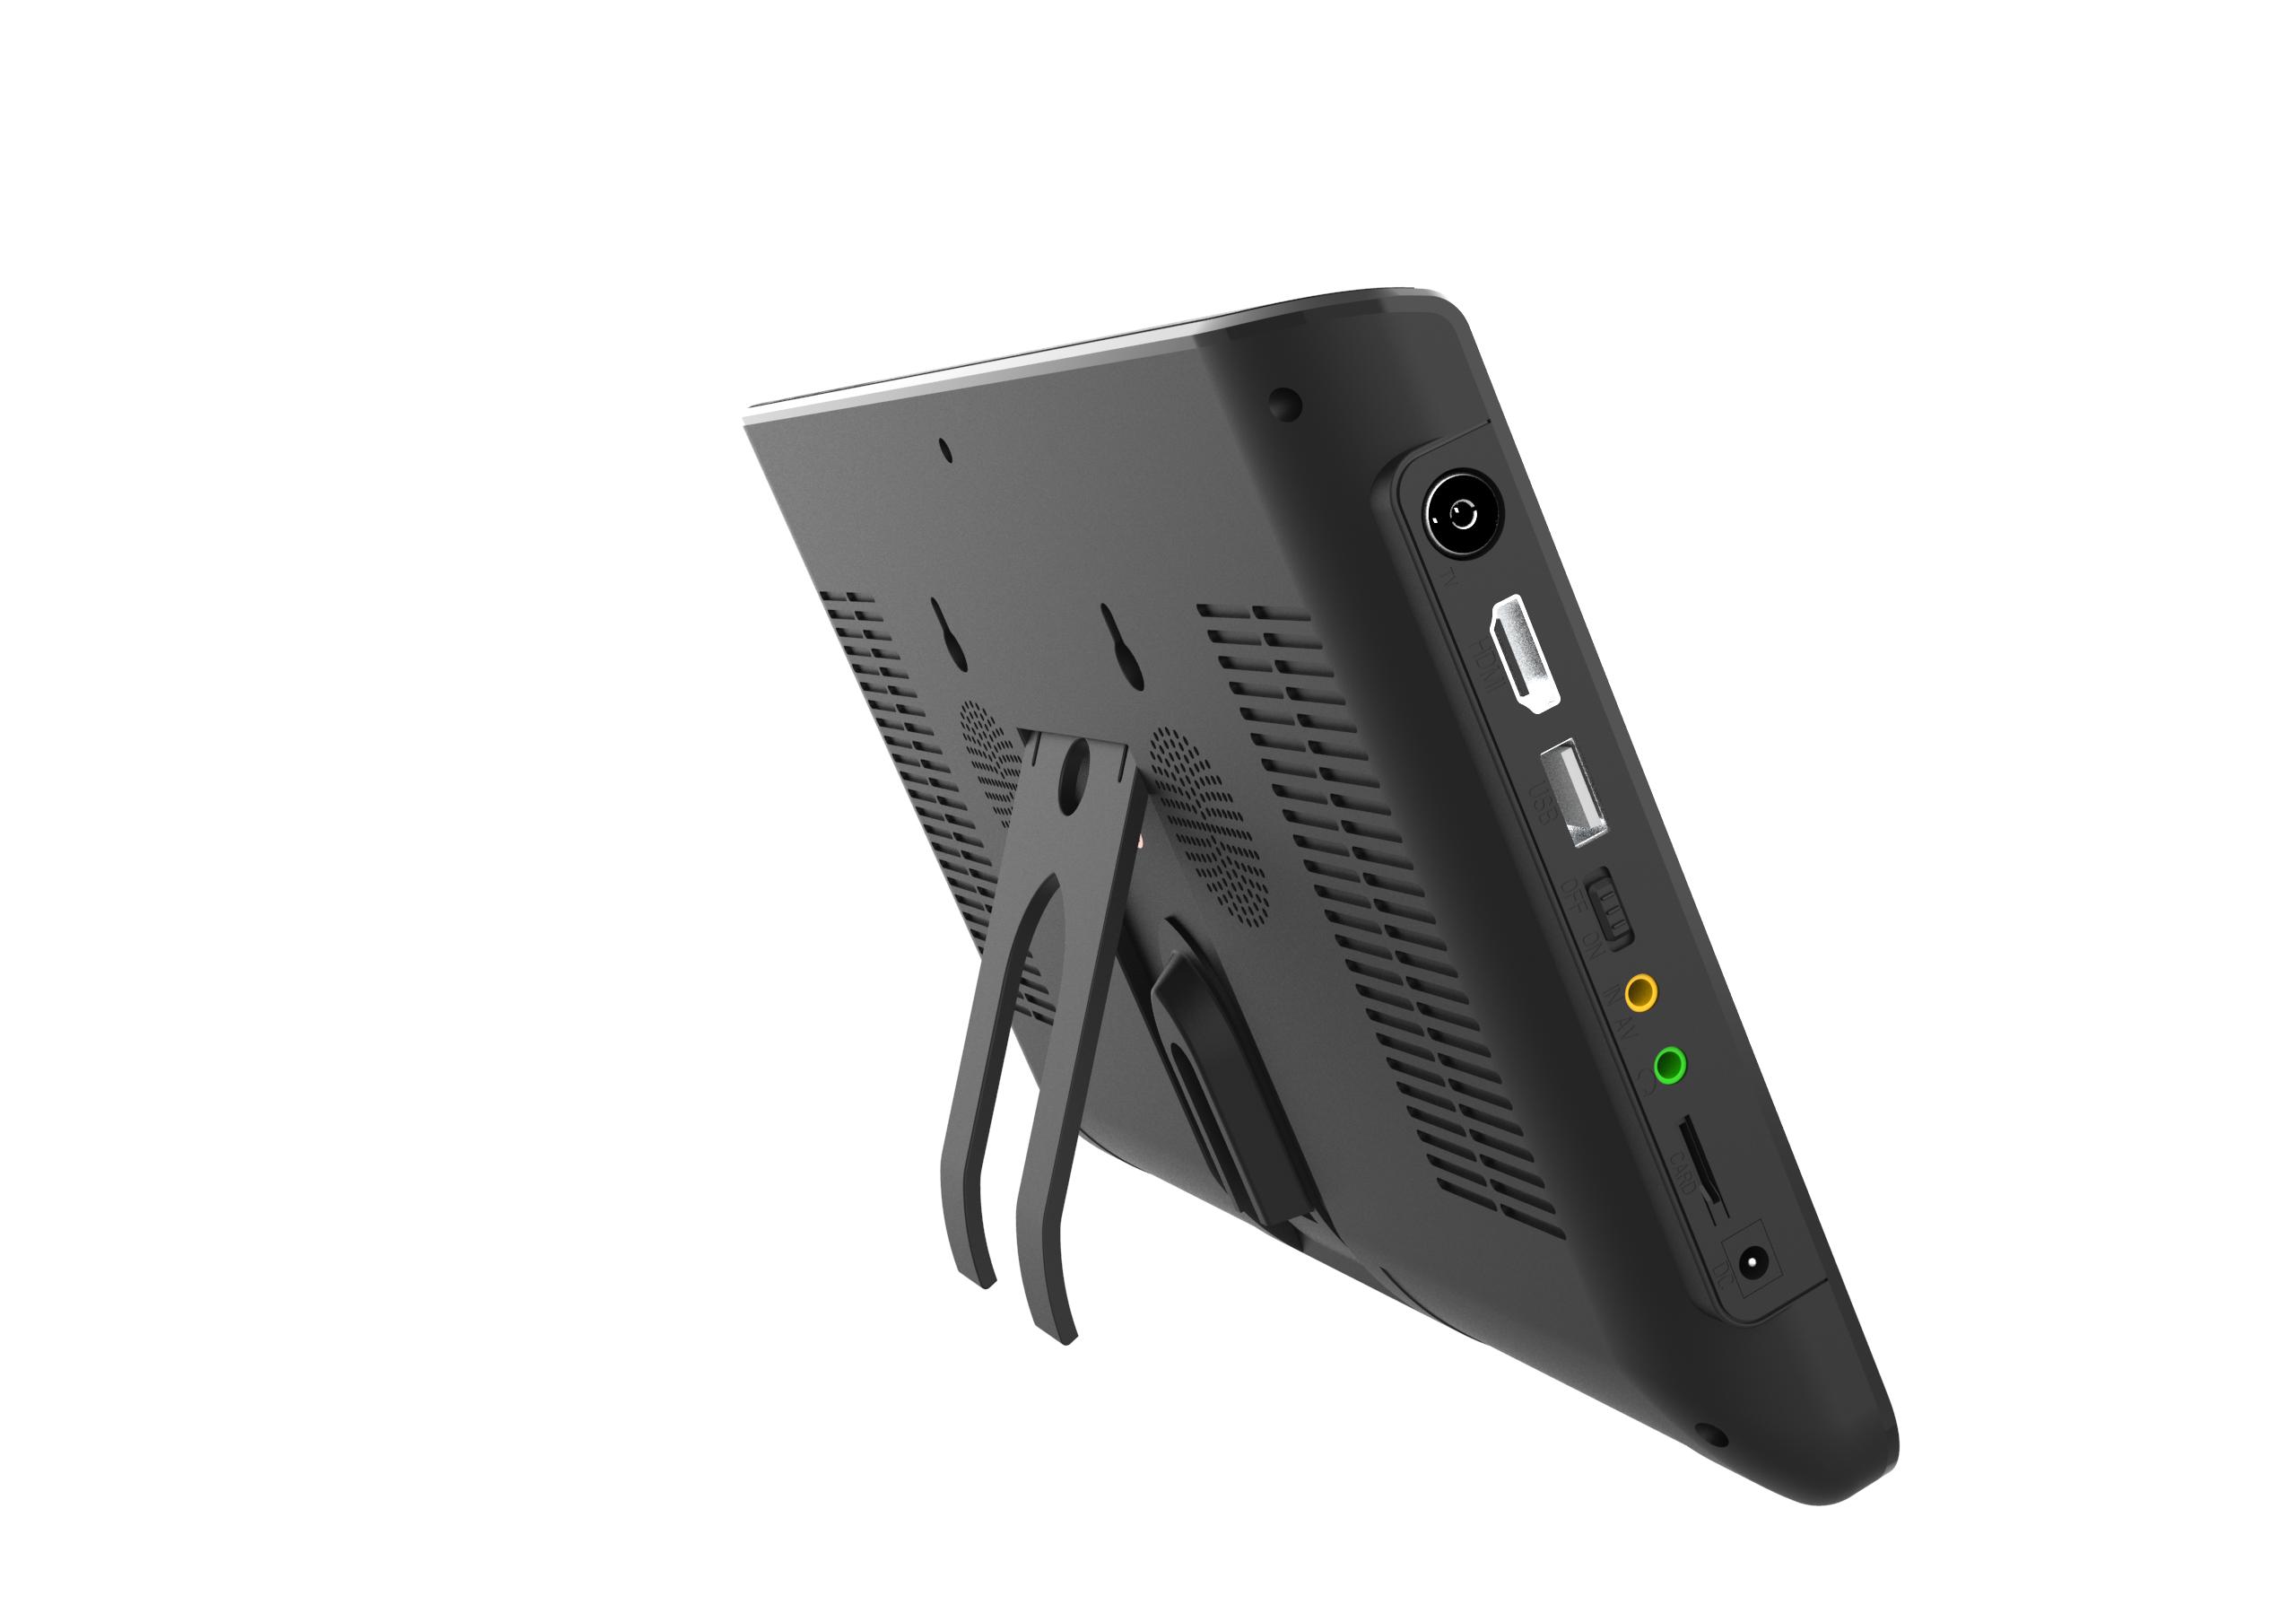 2021New поступление 10 дюймов HD Портативный ТВ DVB-T2 цифровой аналоговый телевизионный мини, без рамки, с изображением маленькой машины ТВ аналоговый мини небольшой автомобильный телевизор